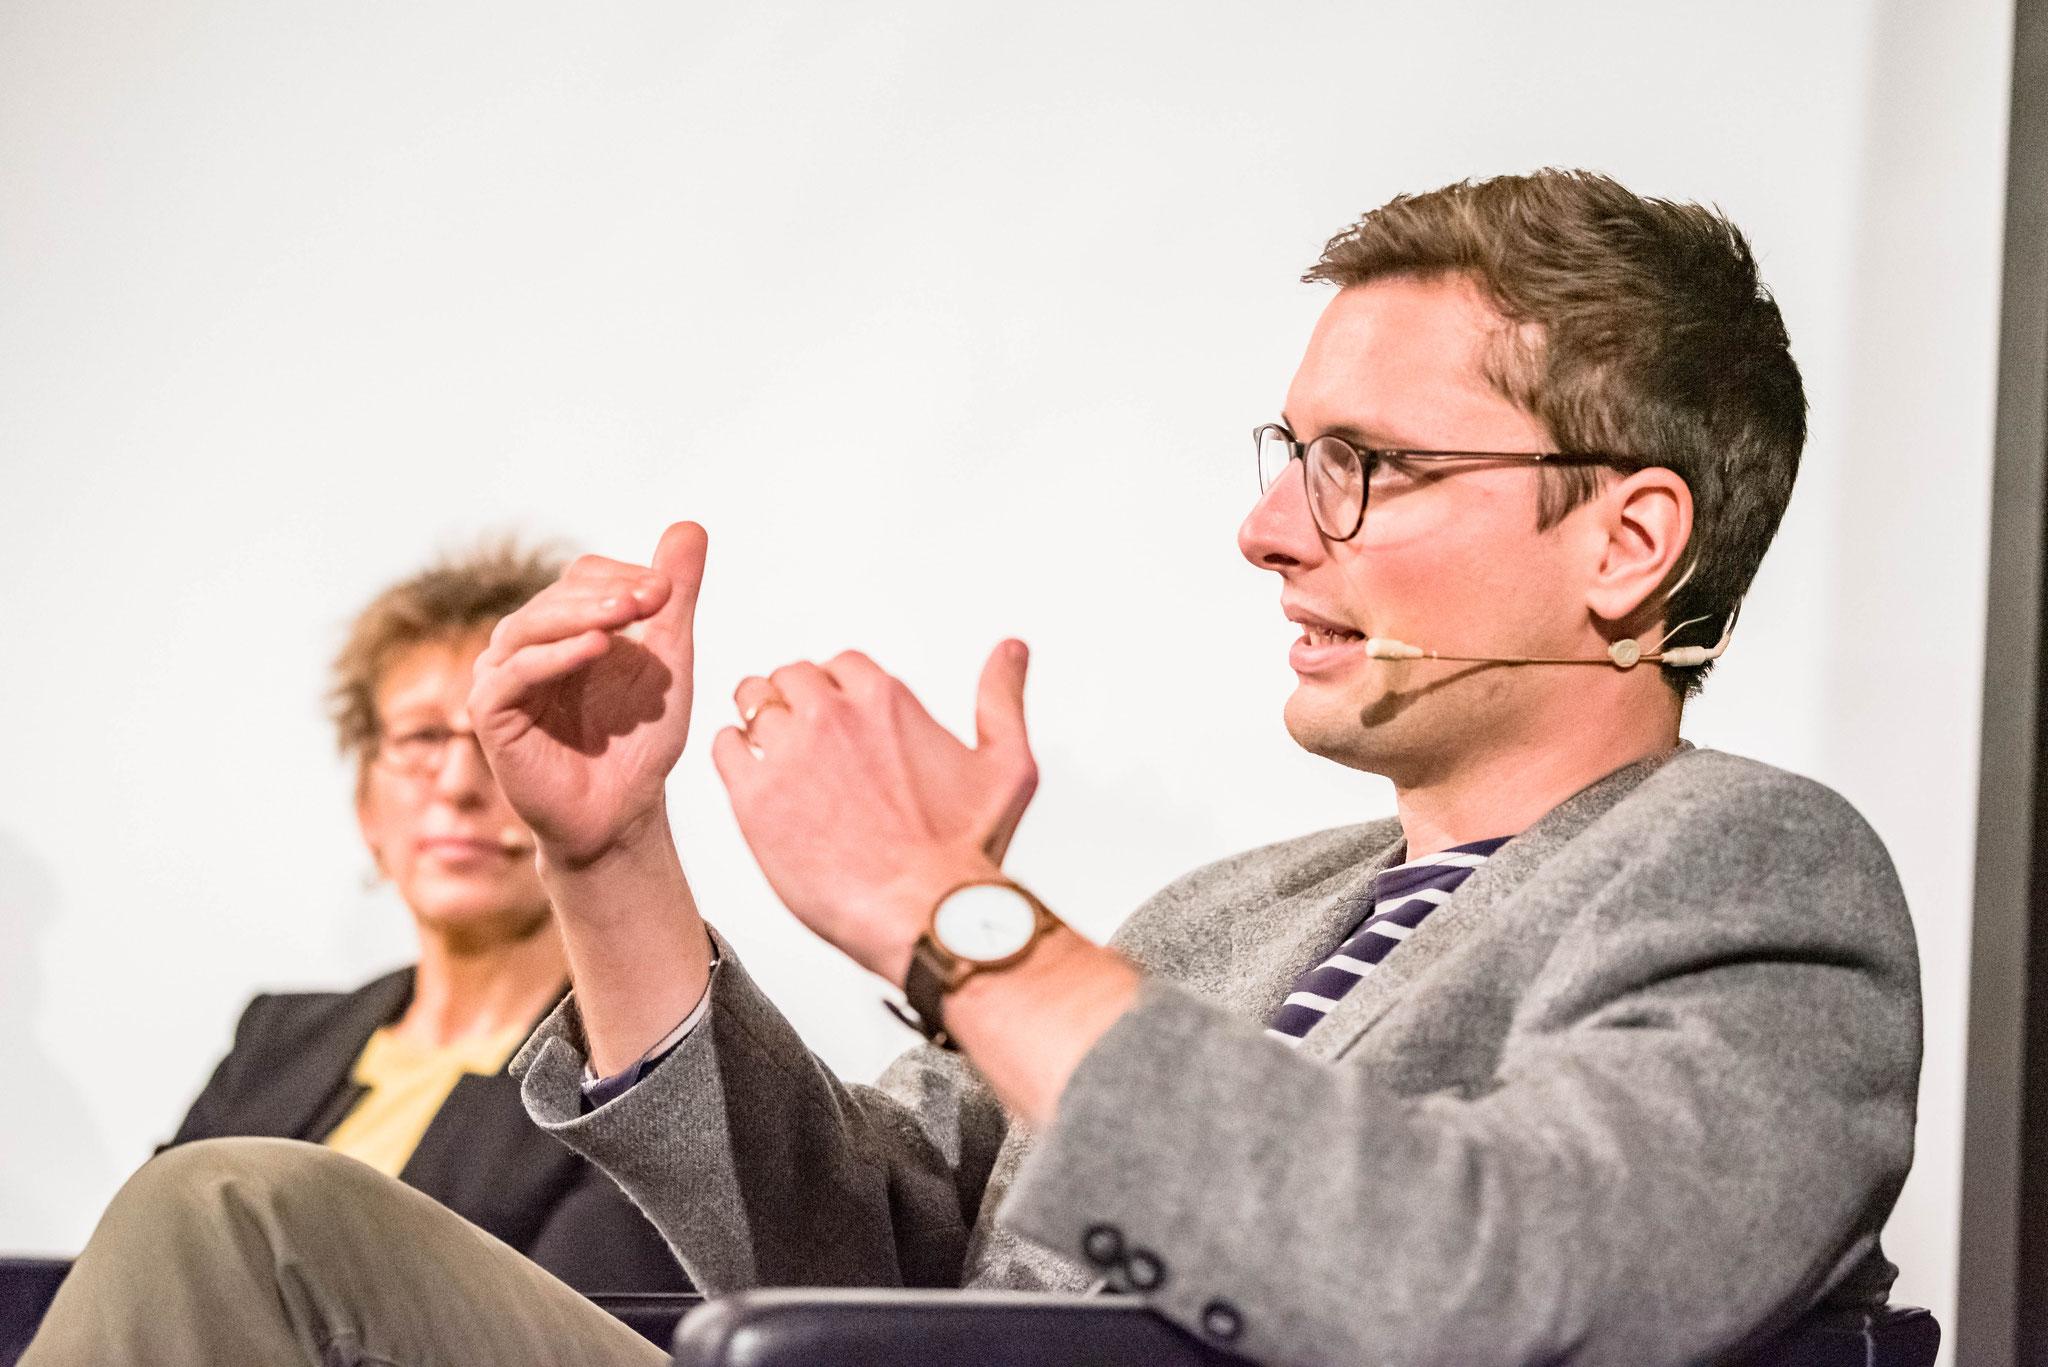 Lukas Meyer (Lehrstuhl für Systematische Theologie, LMU München)